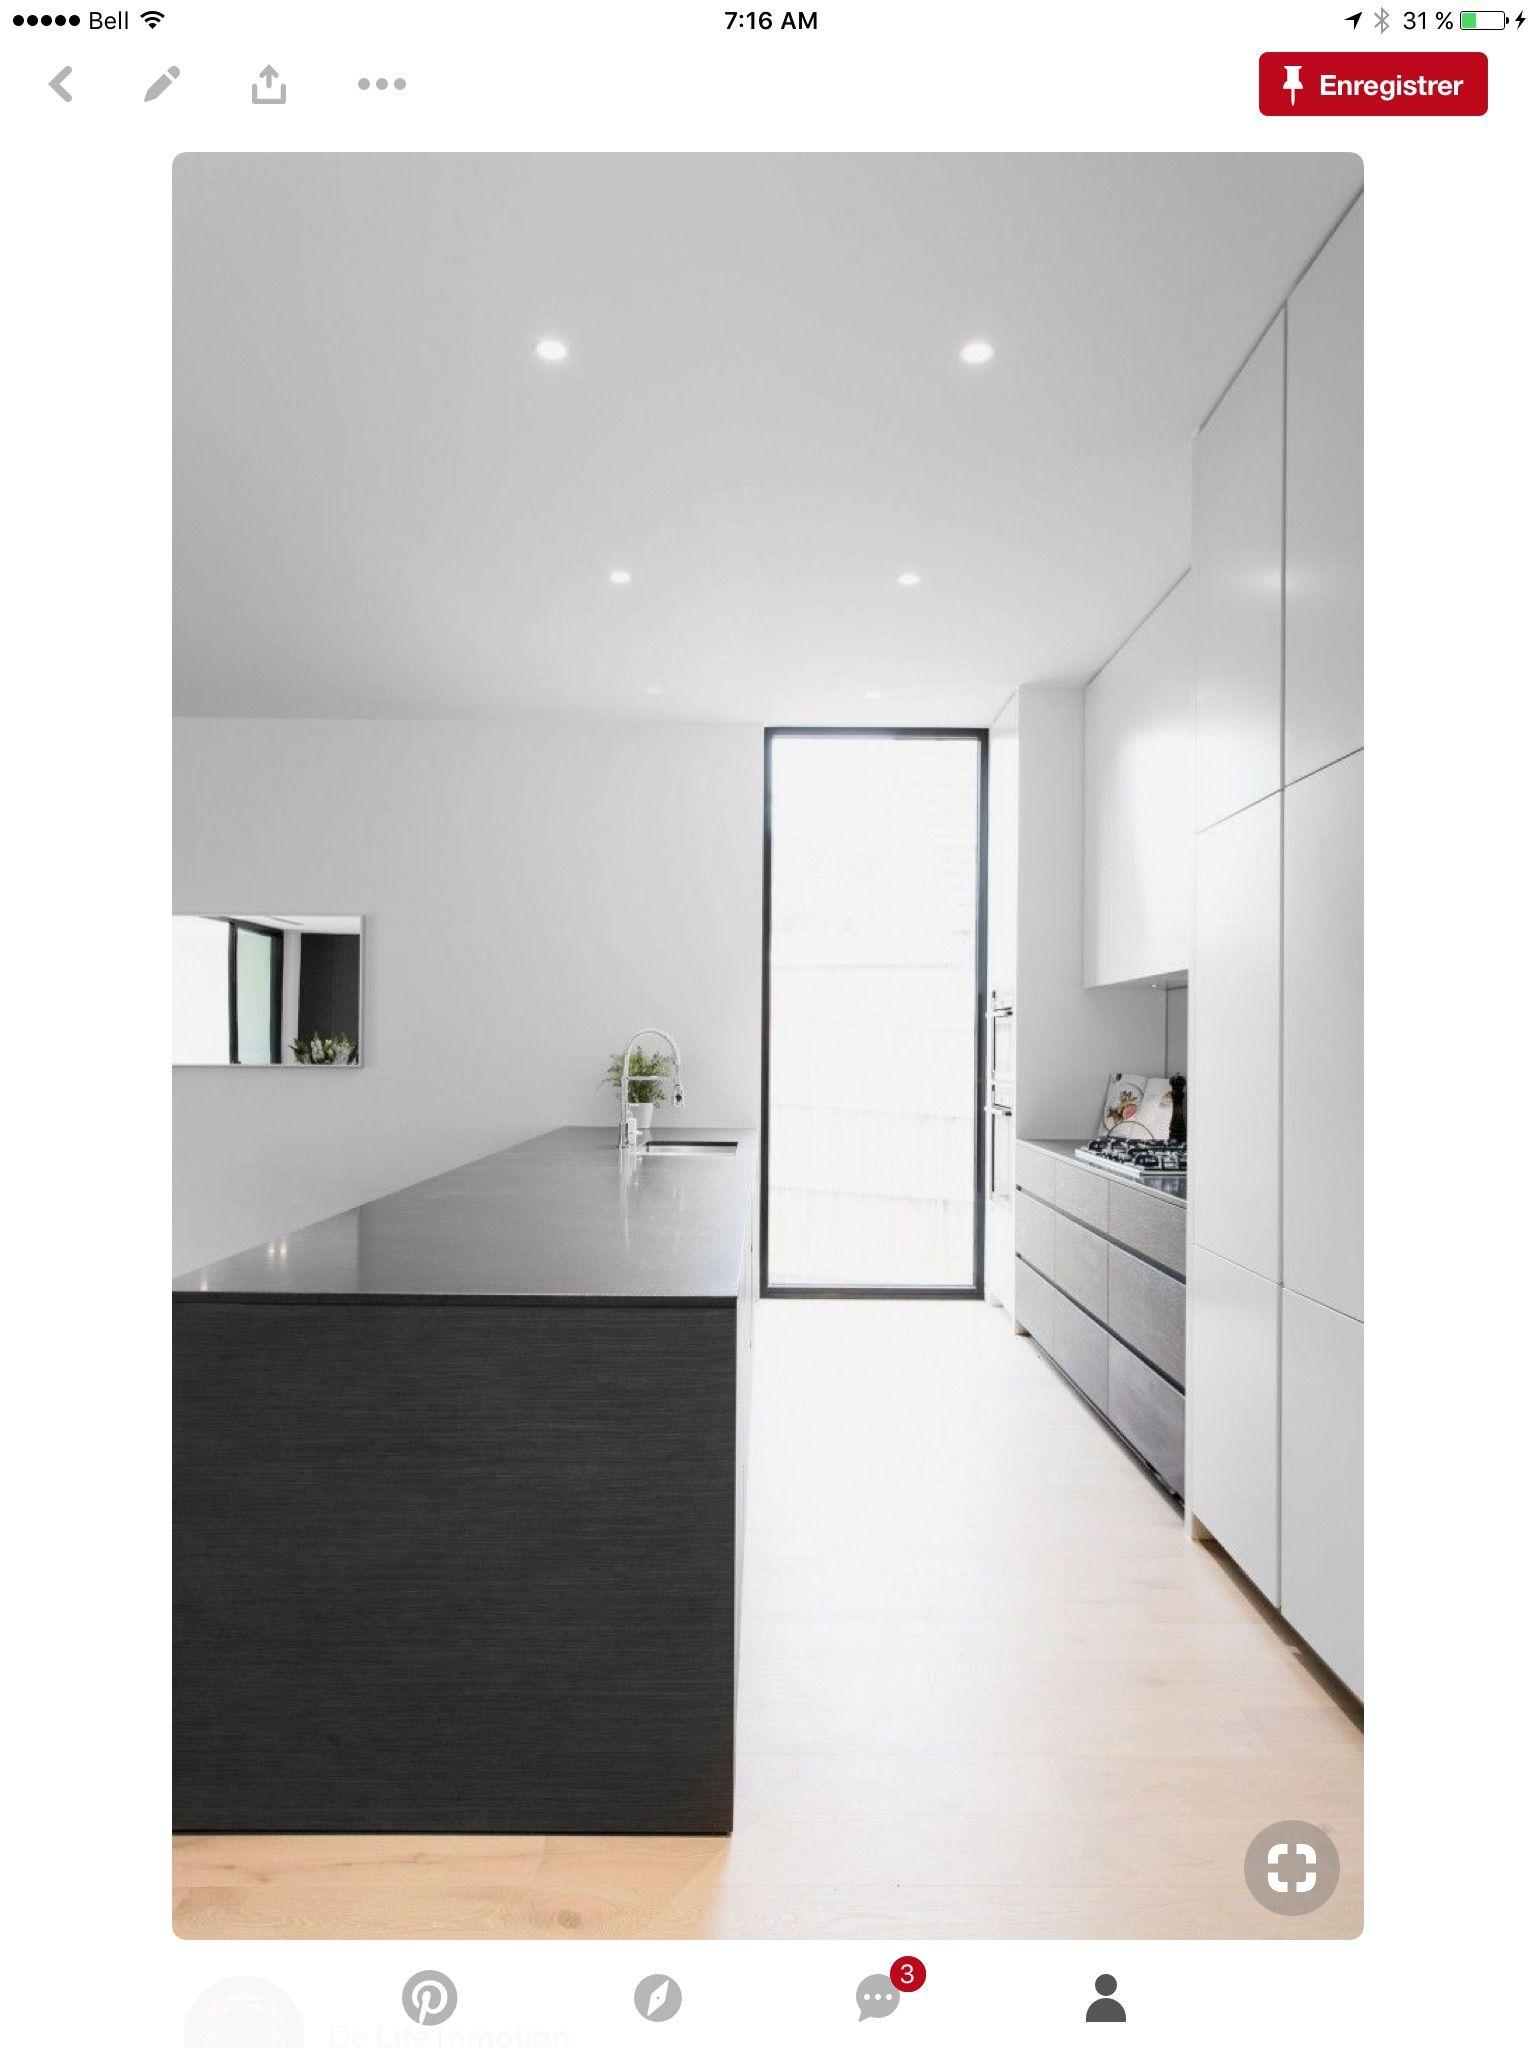 Pin von Johannes Urlhardt auf Küche | Pinterest | Küche, Architektur ...